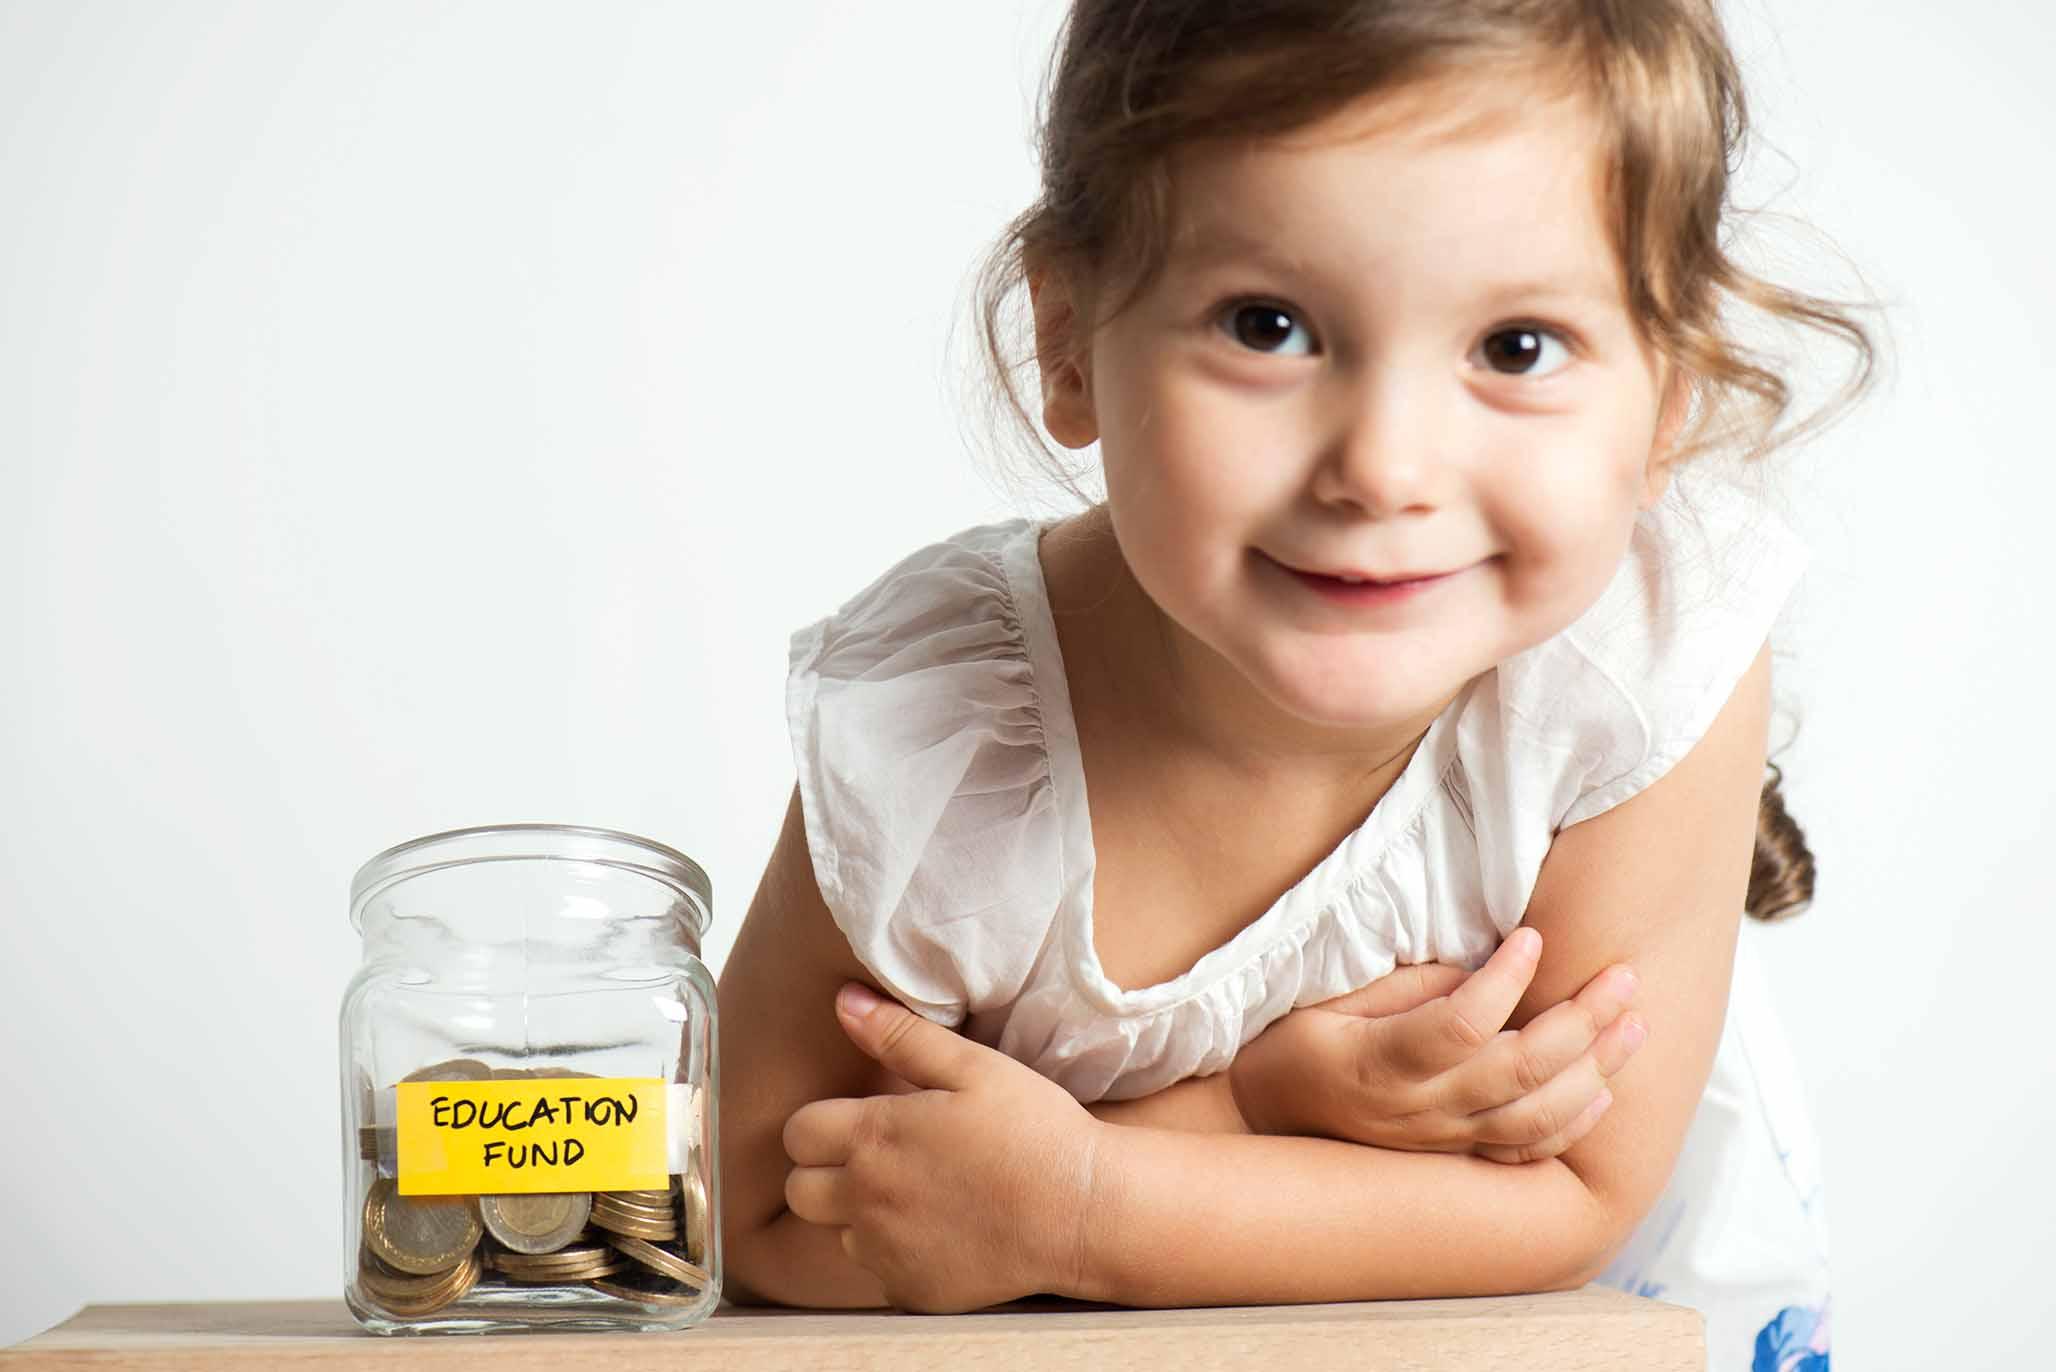 अपने बच्चे के भविष्य के शिक्षा खर्चों की योजना कैसे बनाएं? | A guide to financing your child education plans through various life stages | Aviva India Blog